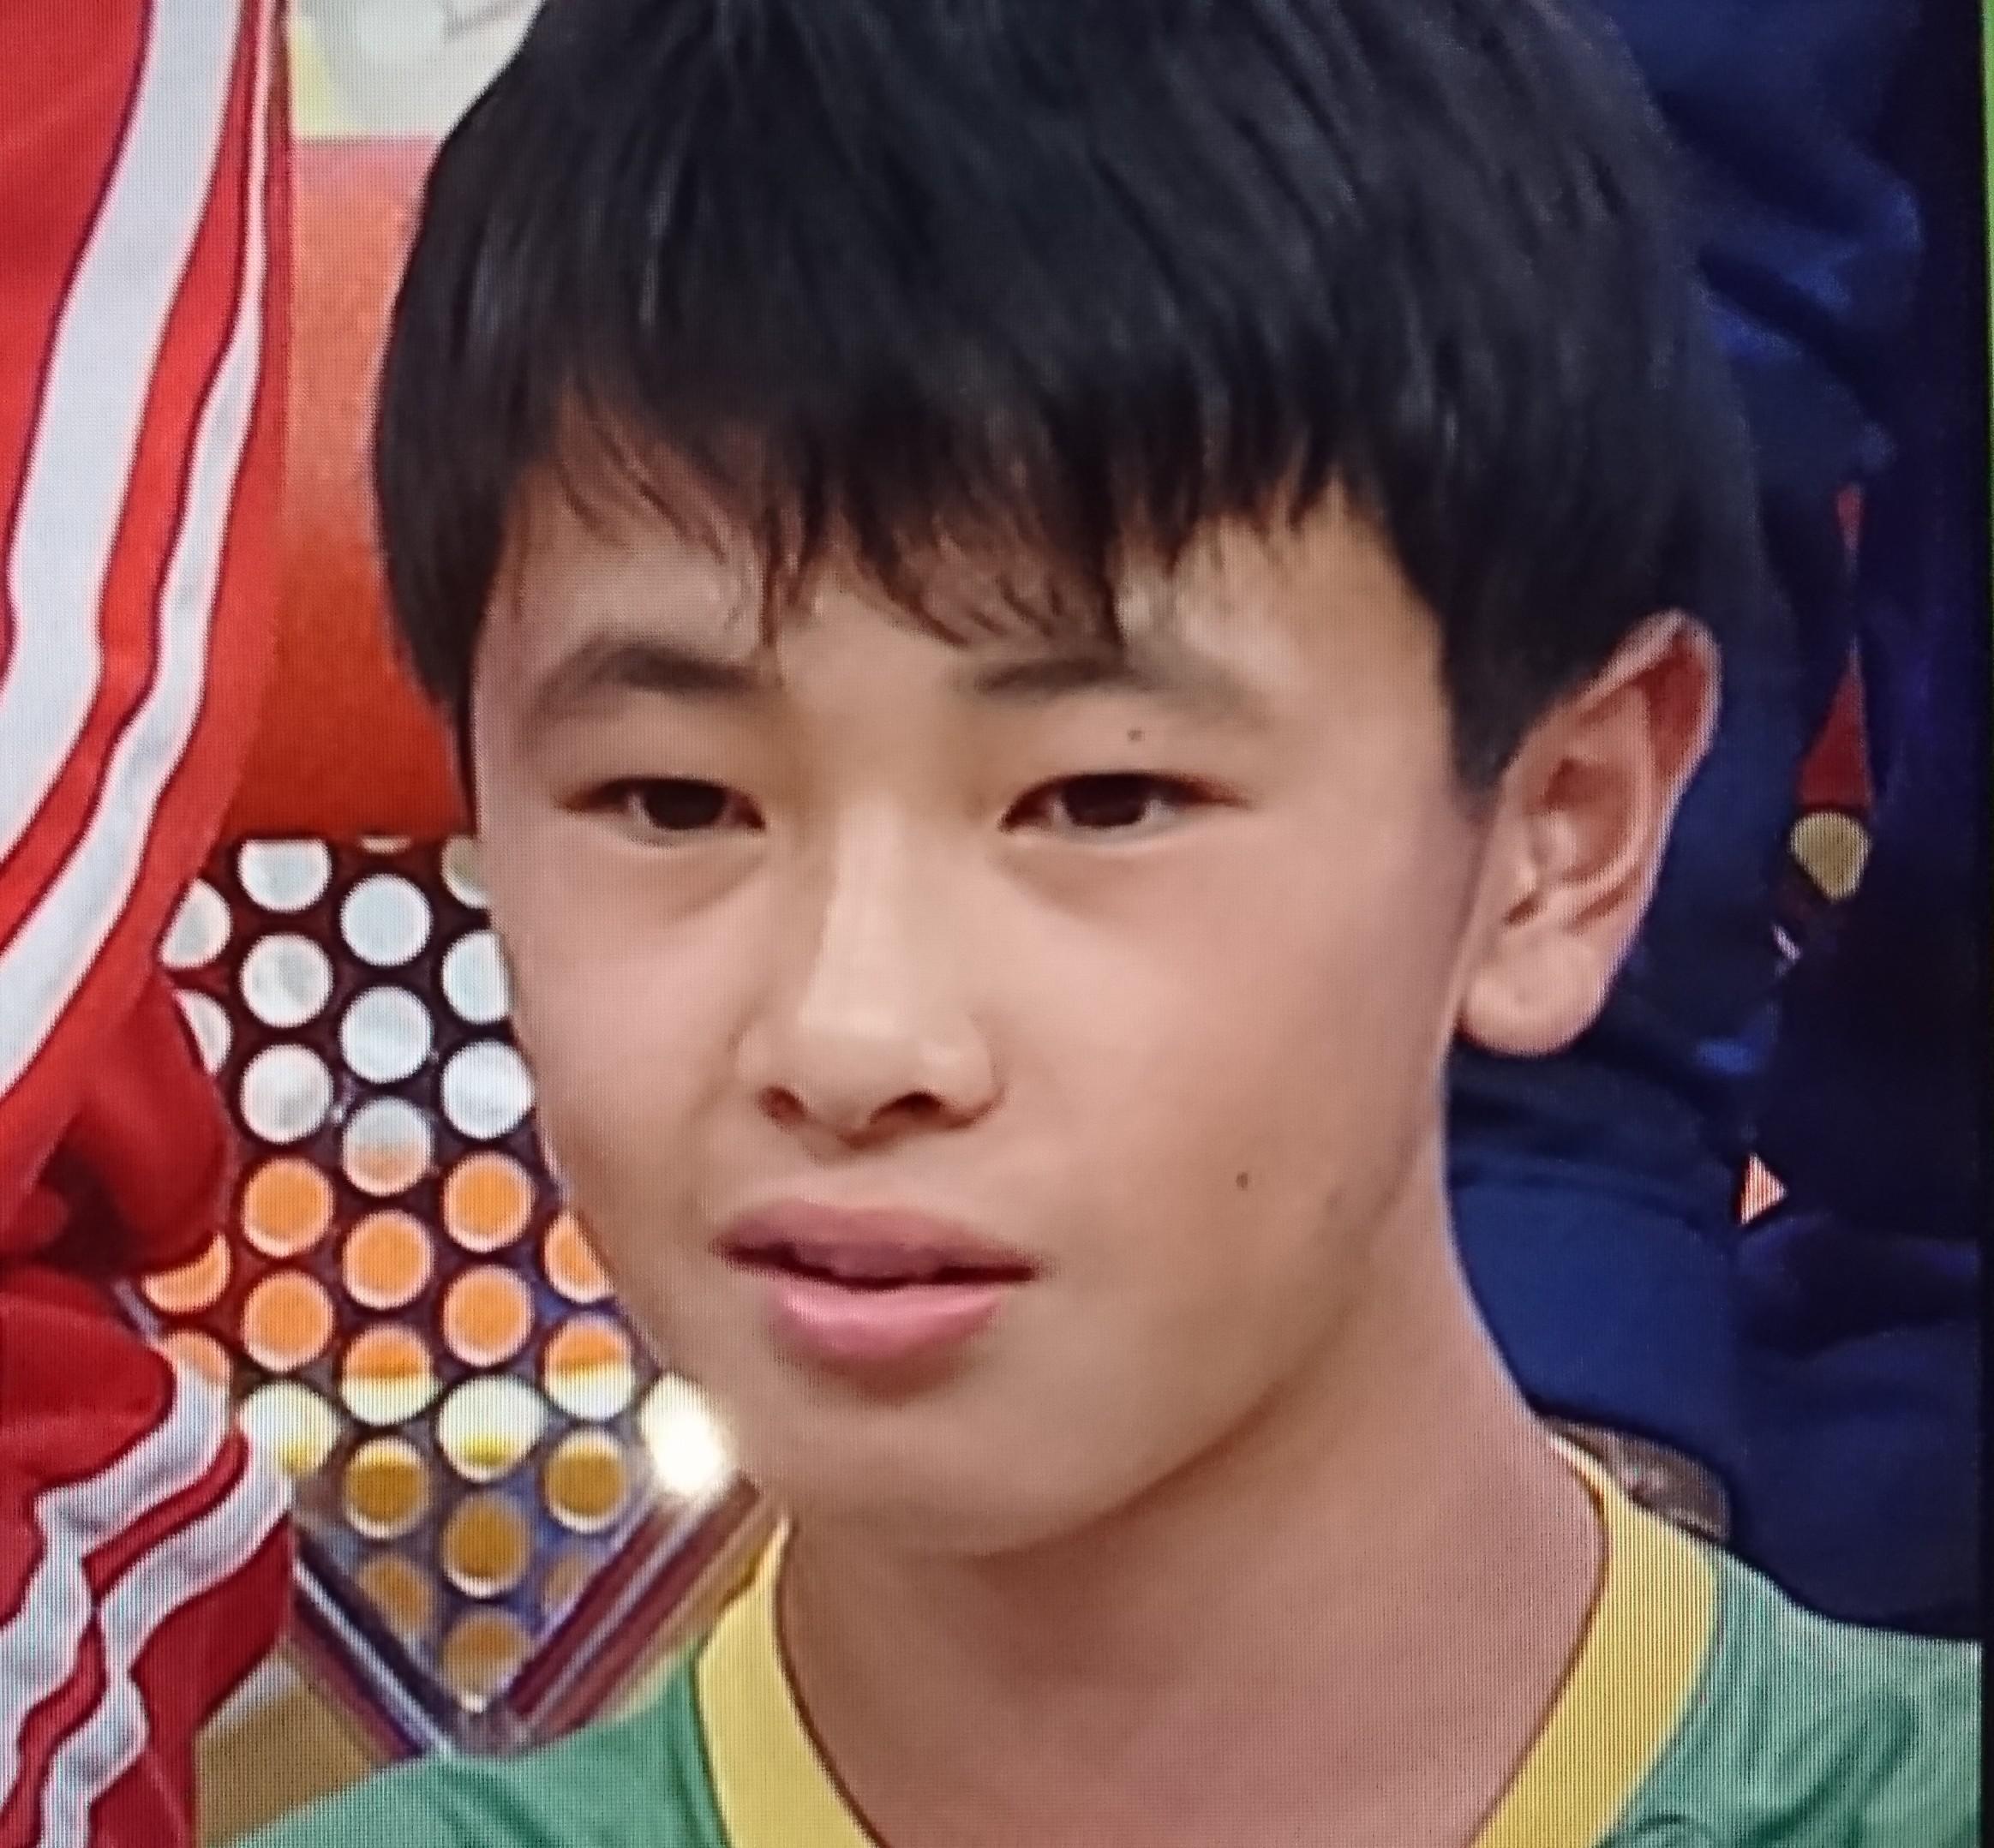 工藤渚斗は青森サッカー少年で両親(父・母)やwiki経歴や小学校!チームや兄弟は?【ジャンクスポーツ】